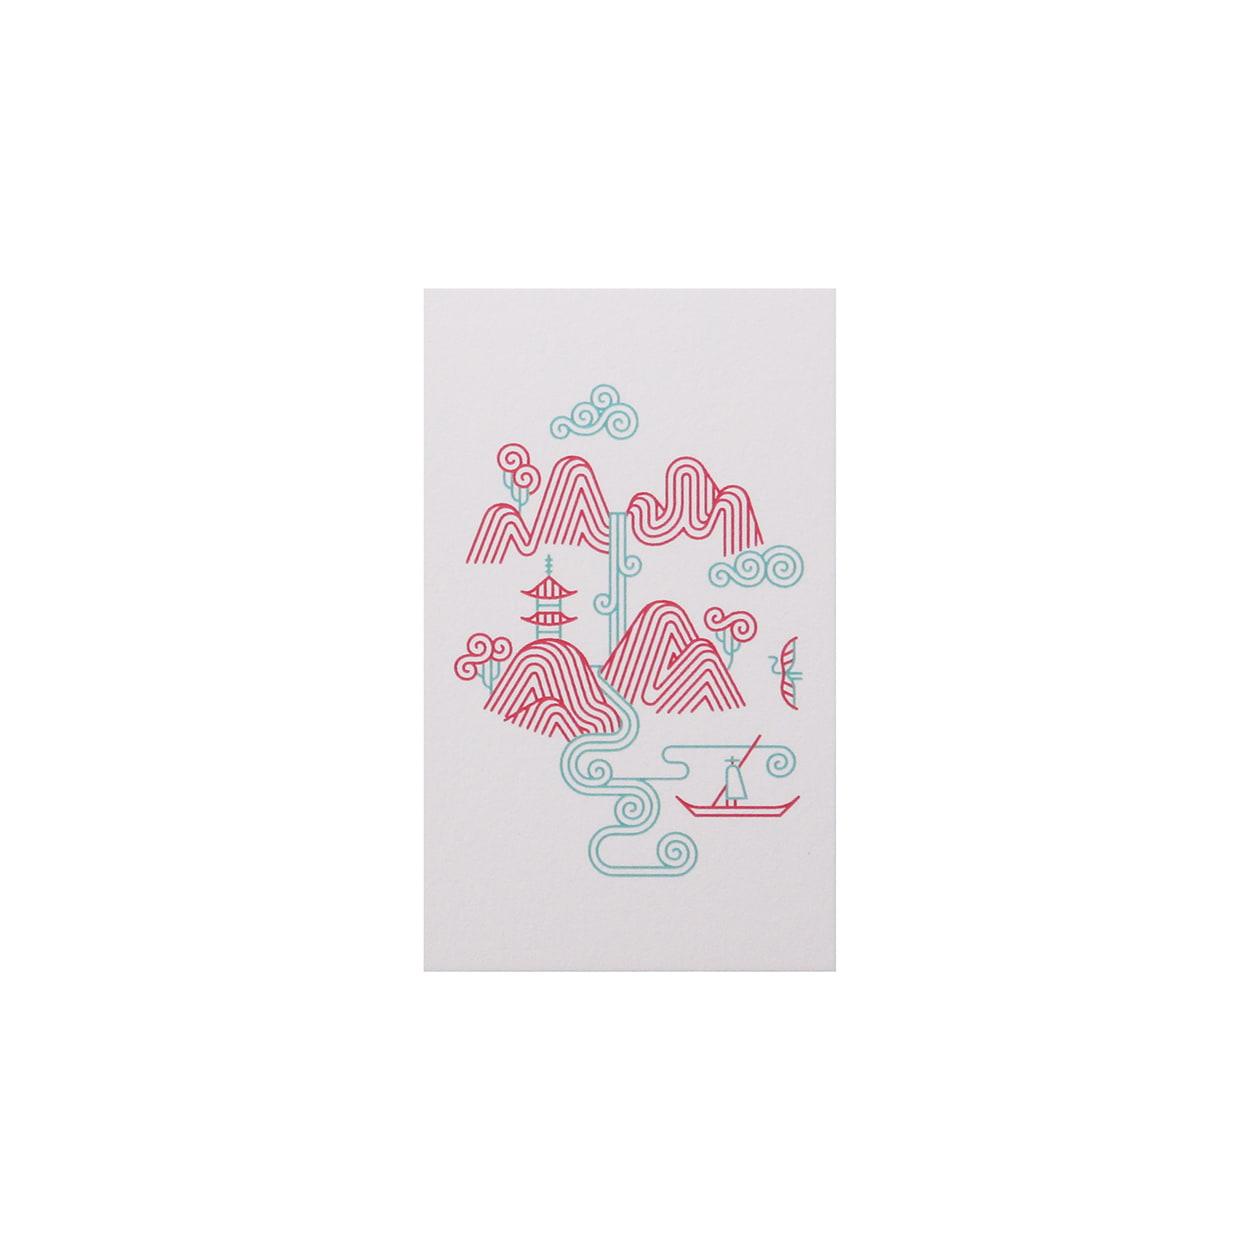 サンプル カード・シート 00305